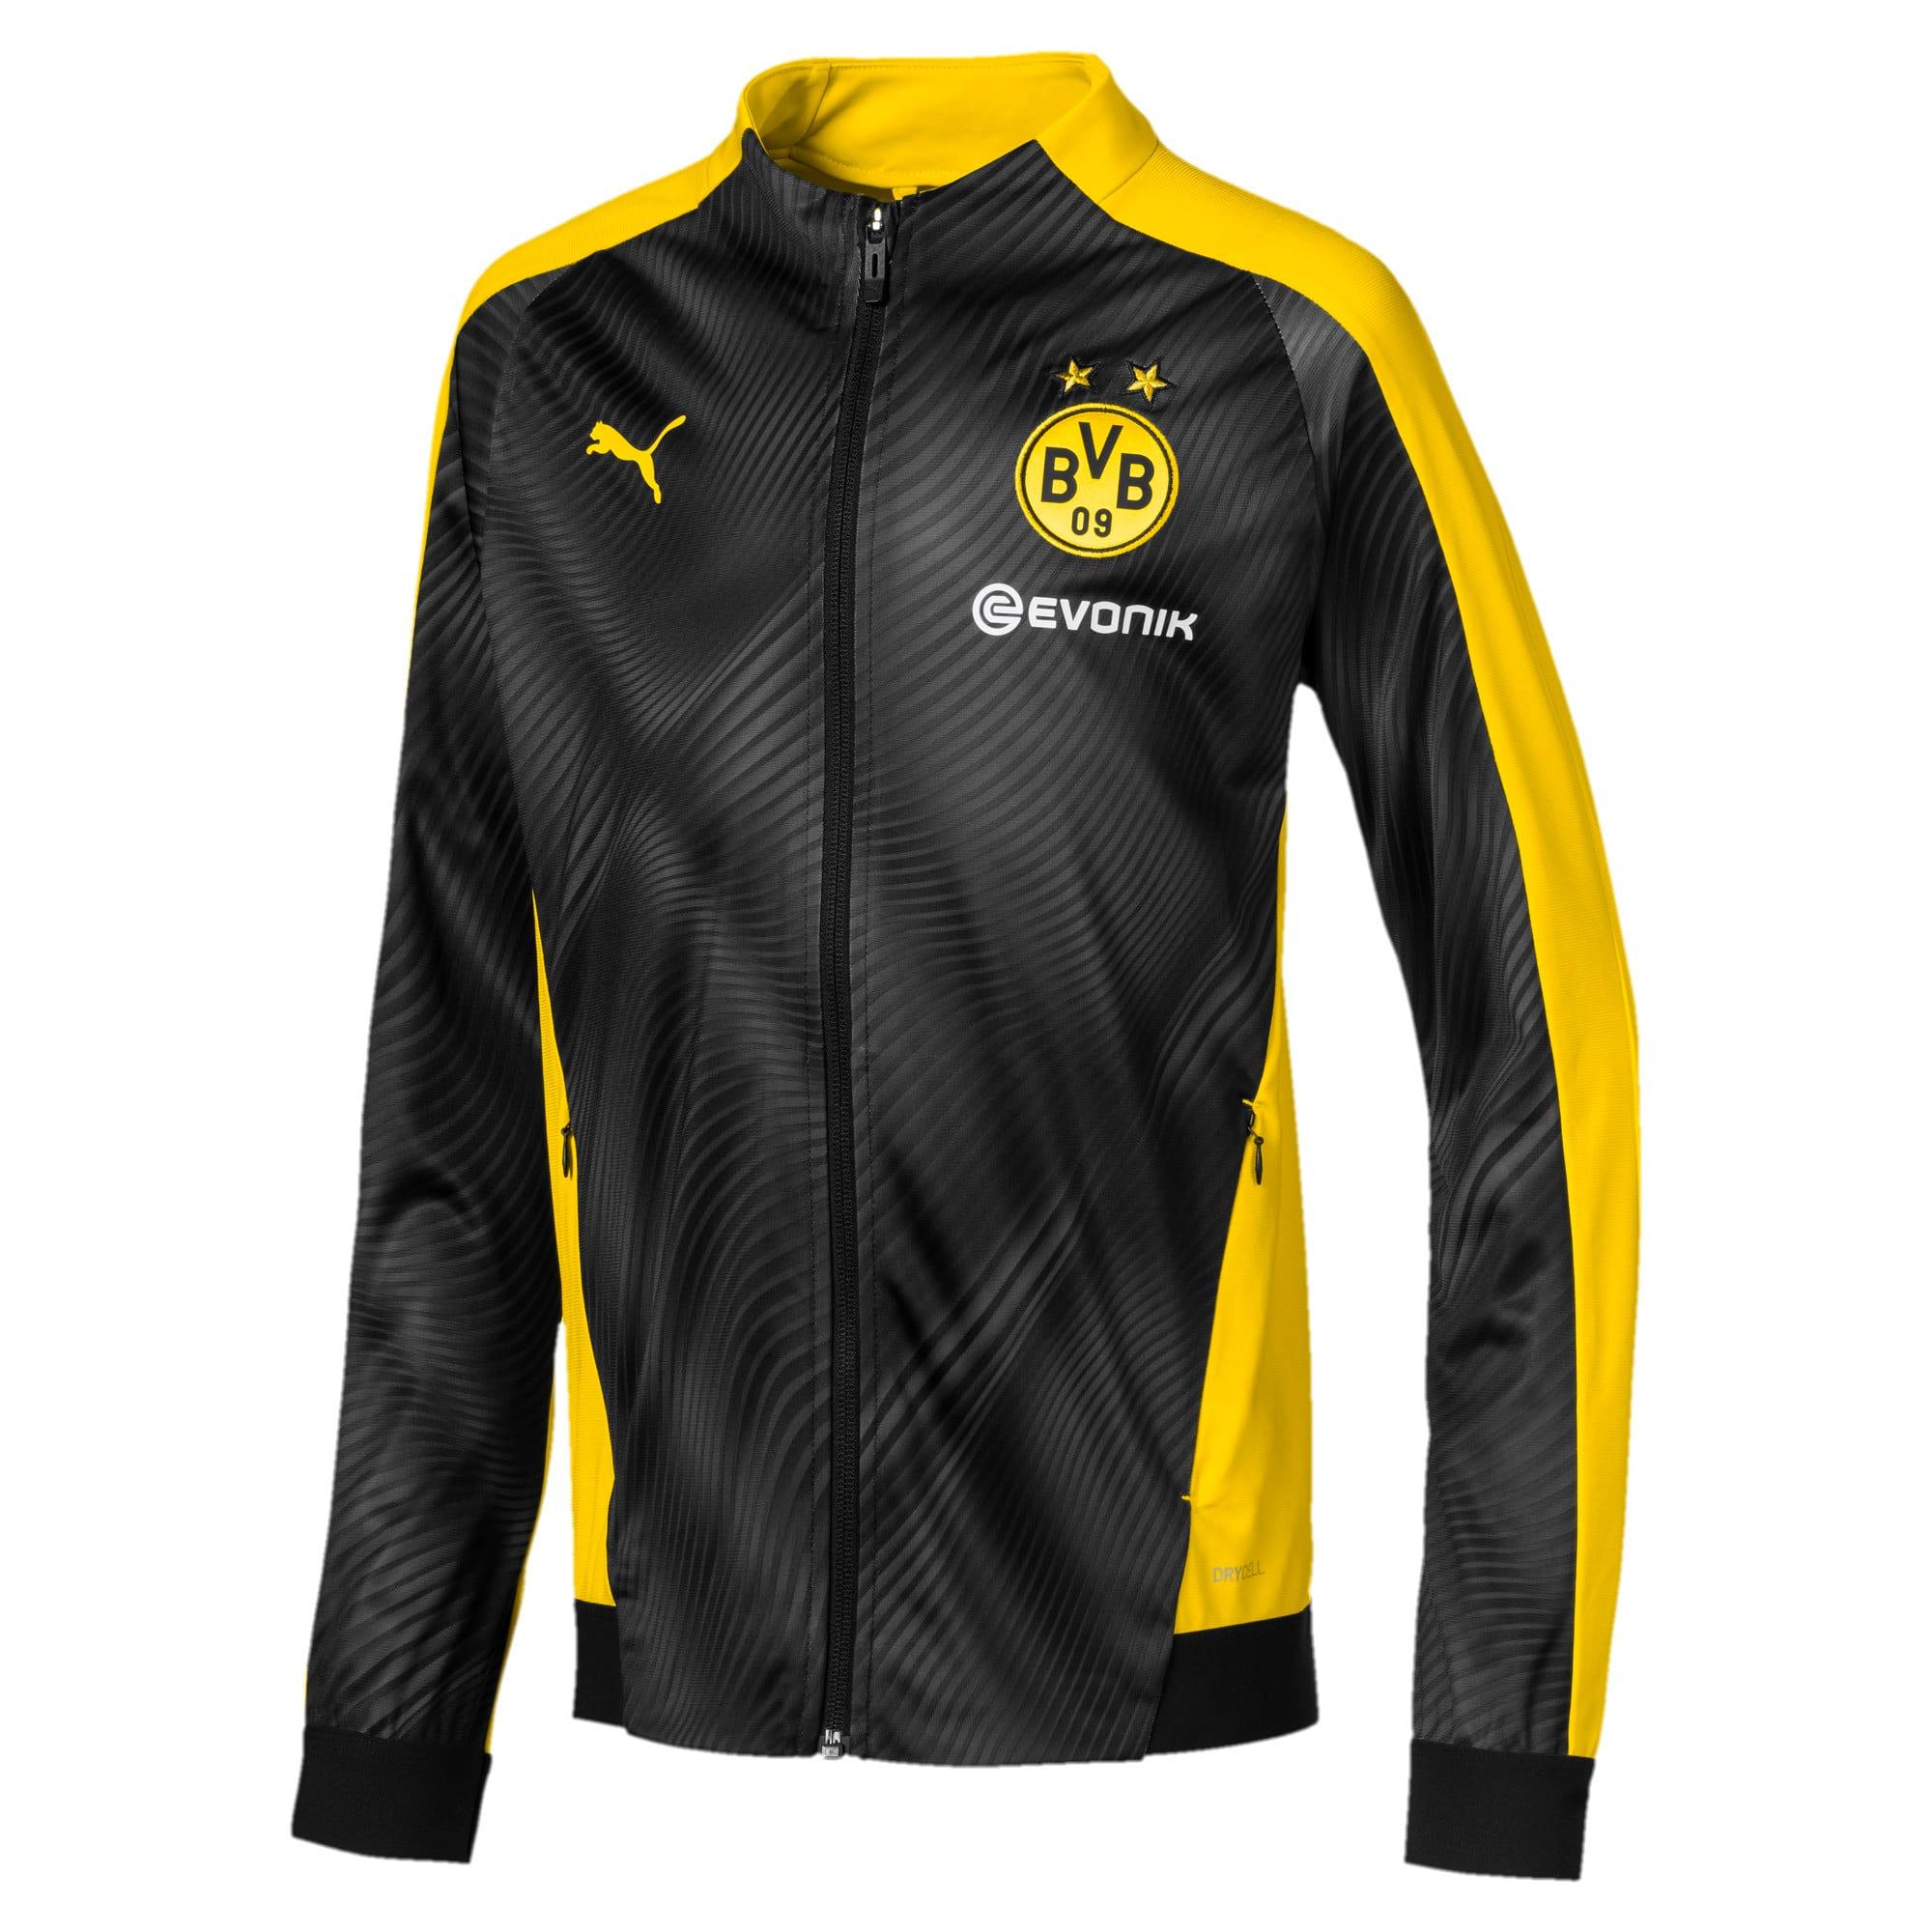 BVB League Kids' Stadium Jacket, Zwart/Geel, Maat 128   PUMA